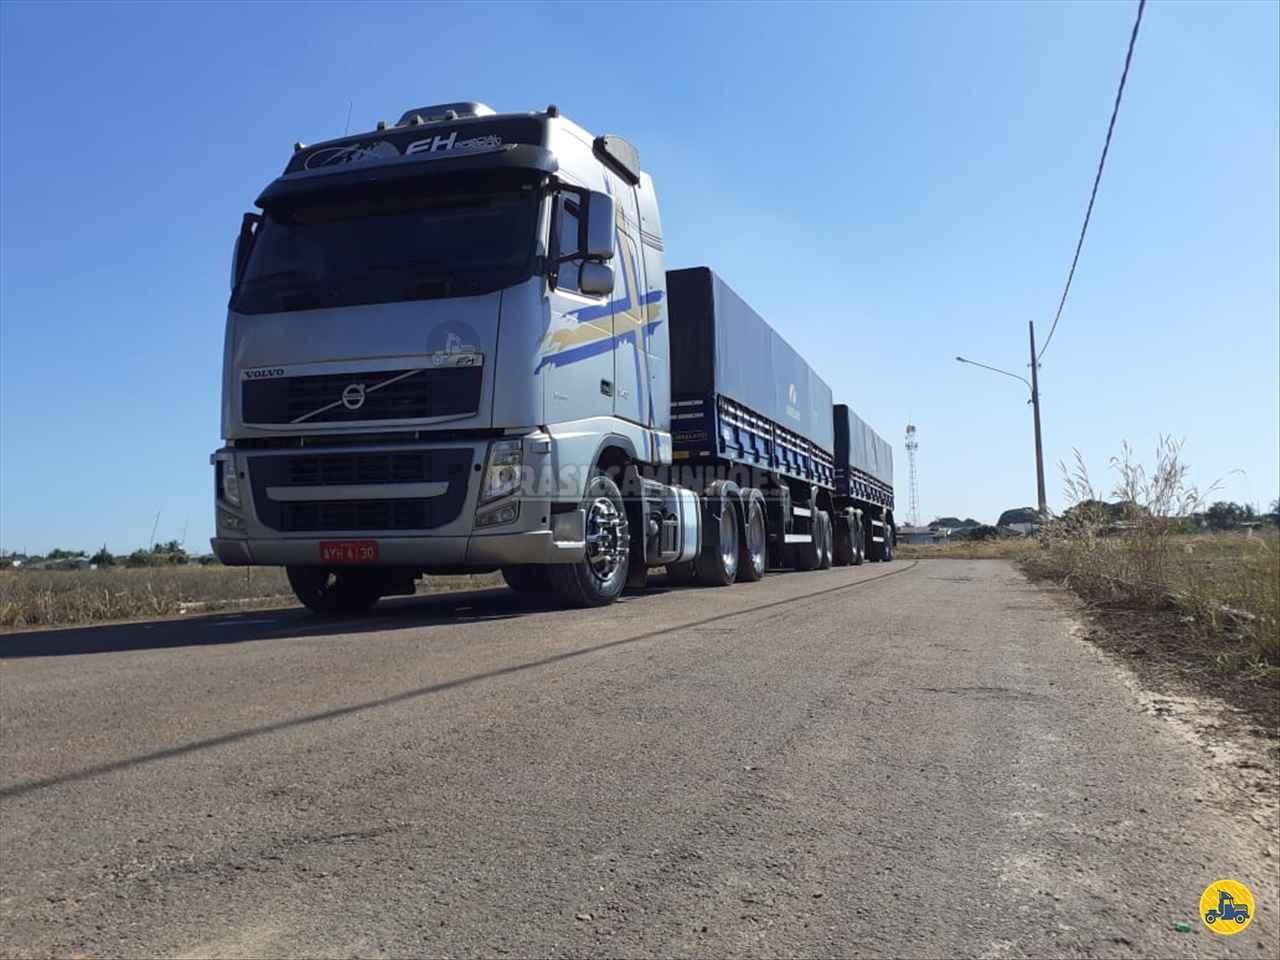 CAMINHAO VOLVO VOLVO FH 540 Carga Seca Traçado 6x4 Brasil Caminhões Sinop SINOP MATO GROSSO MT